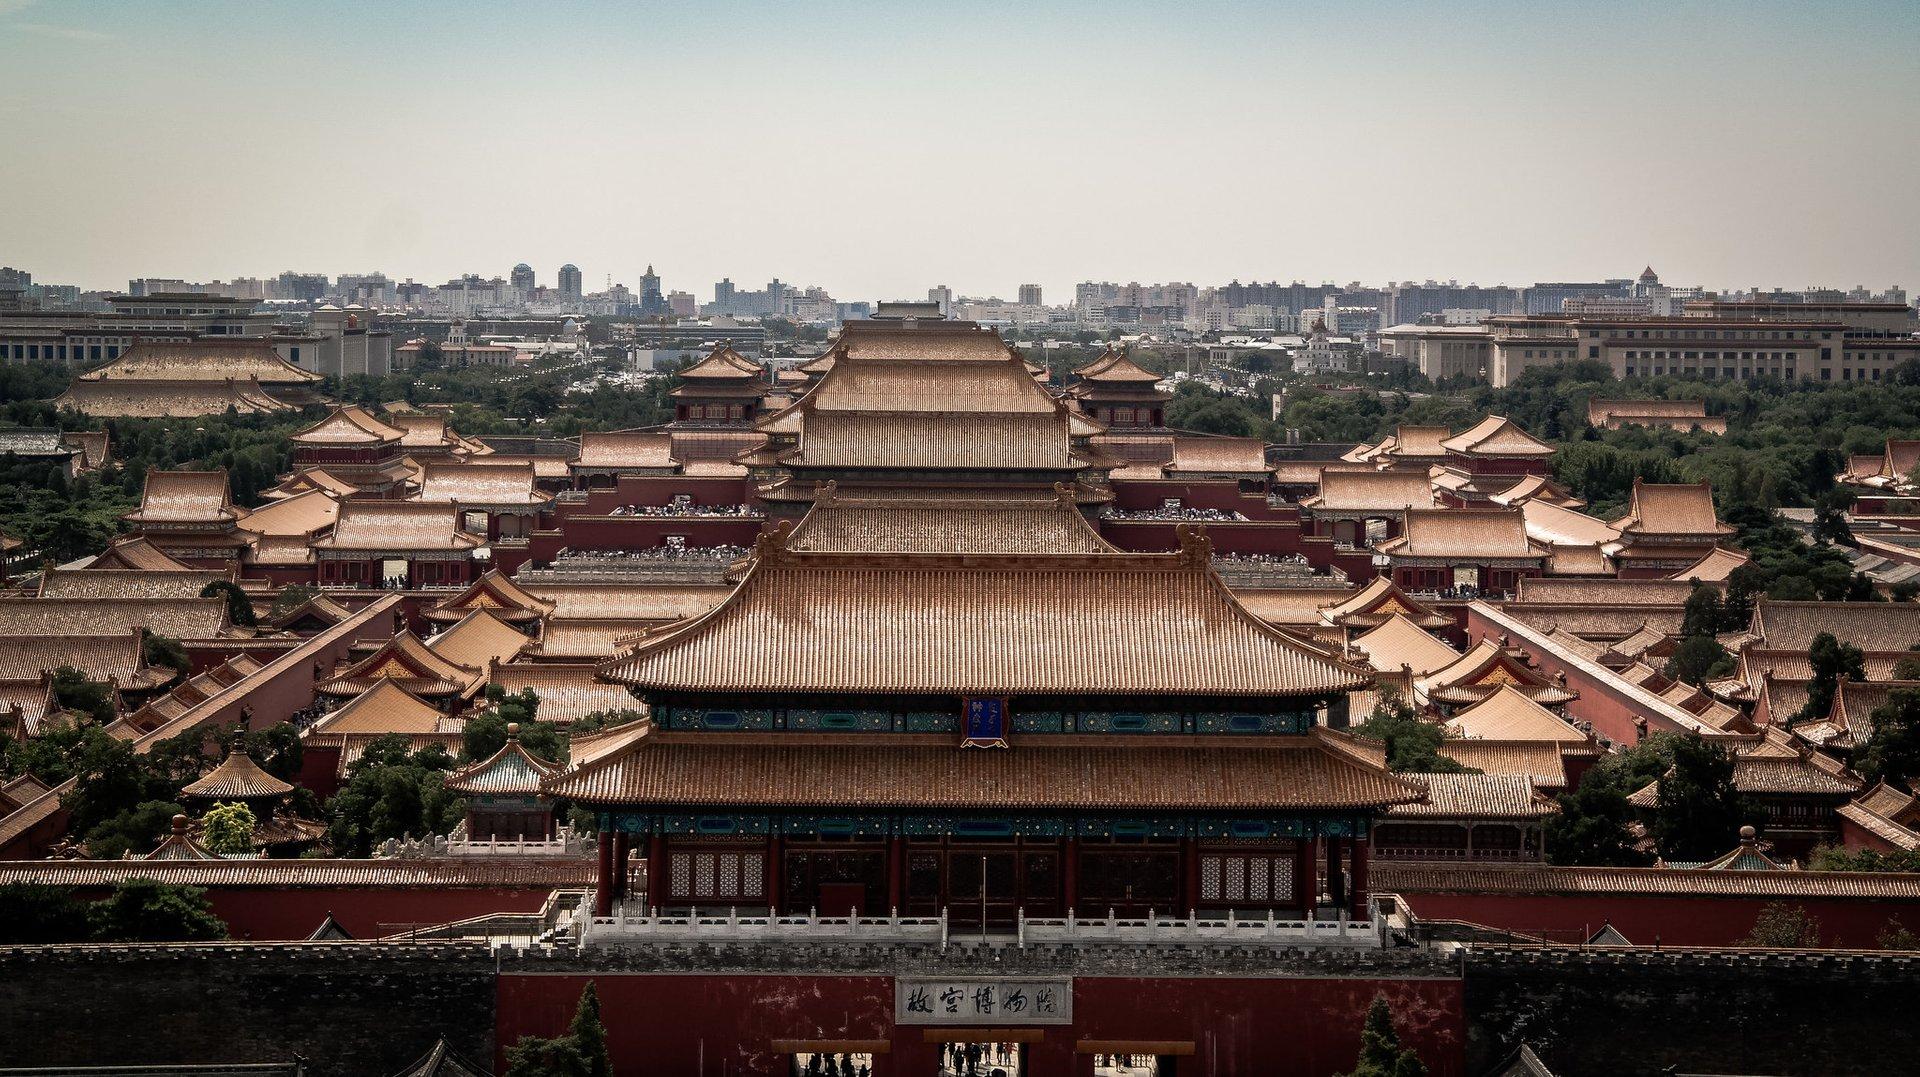 The Forbidden City in Beijing - Best Season 2020